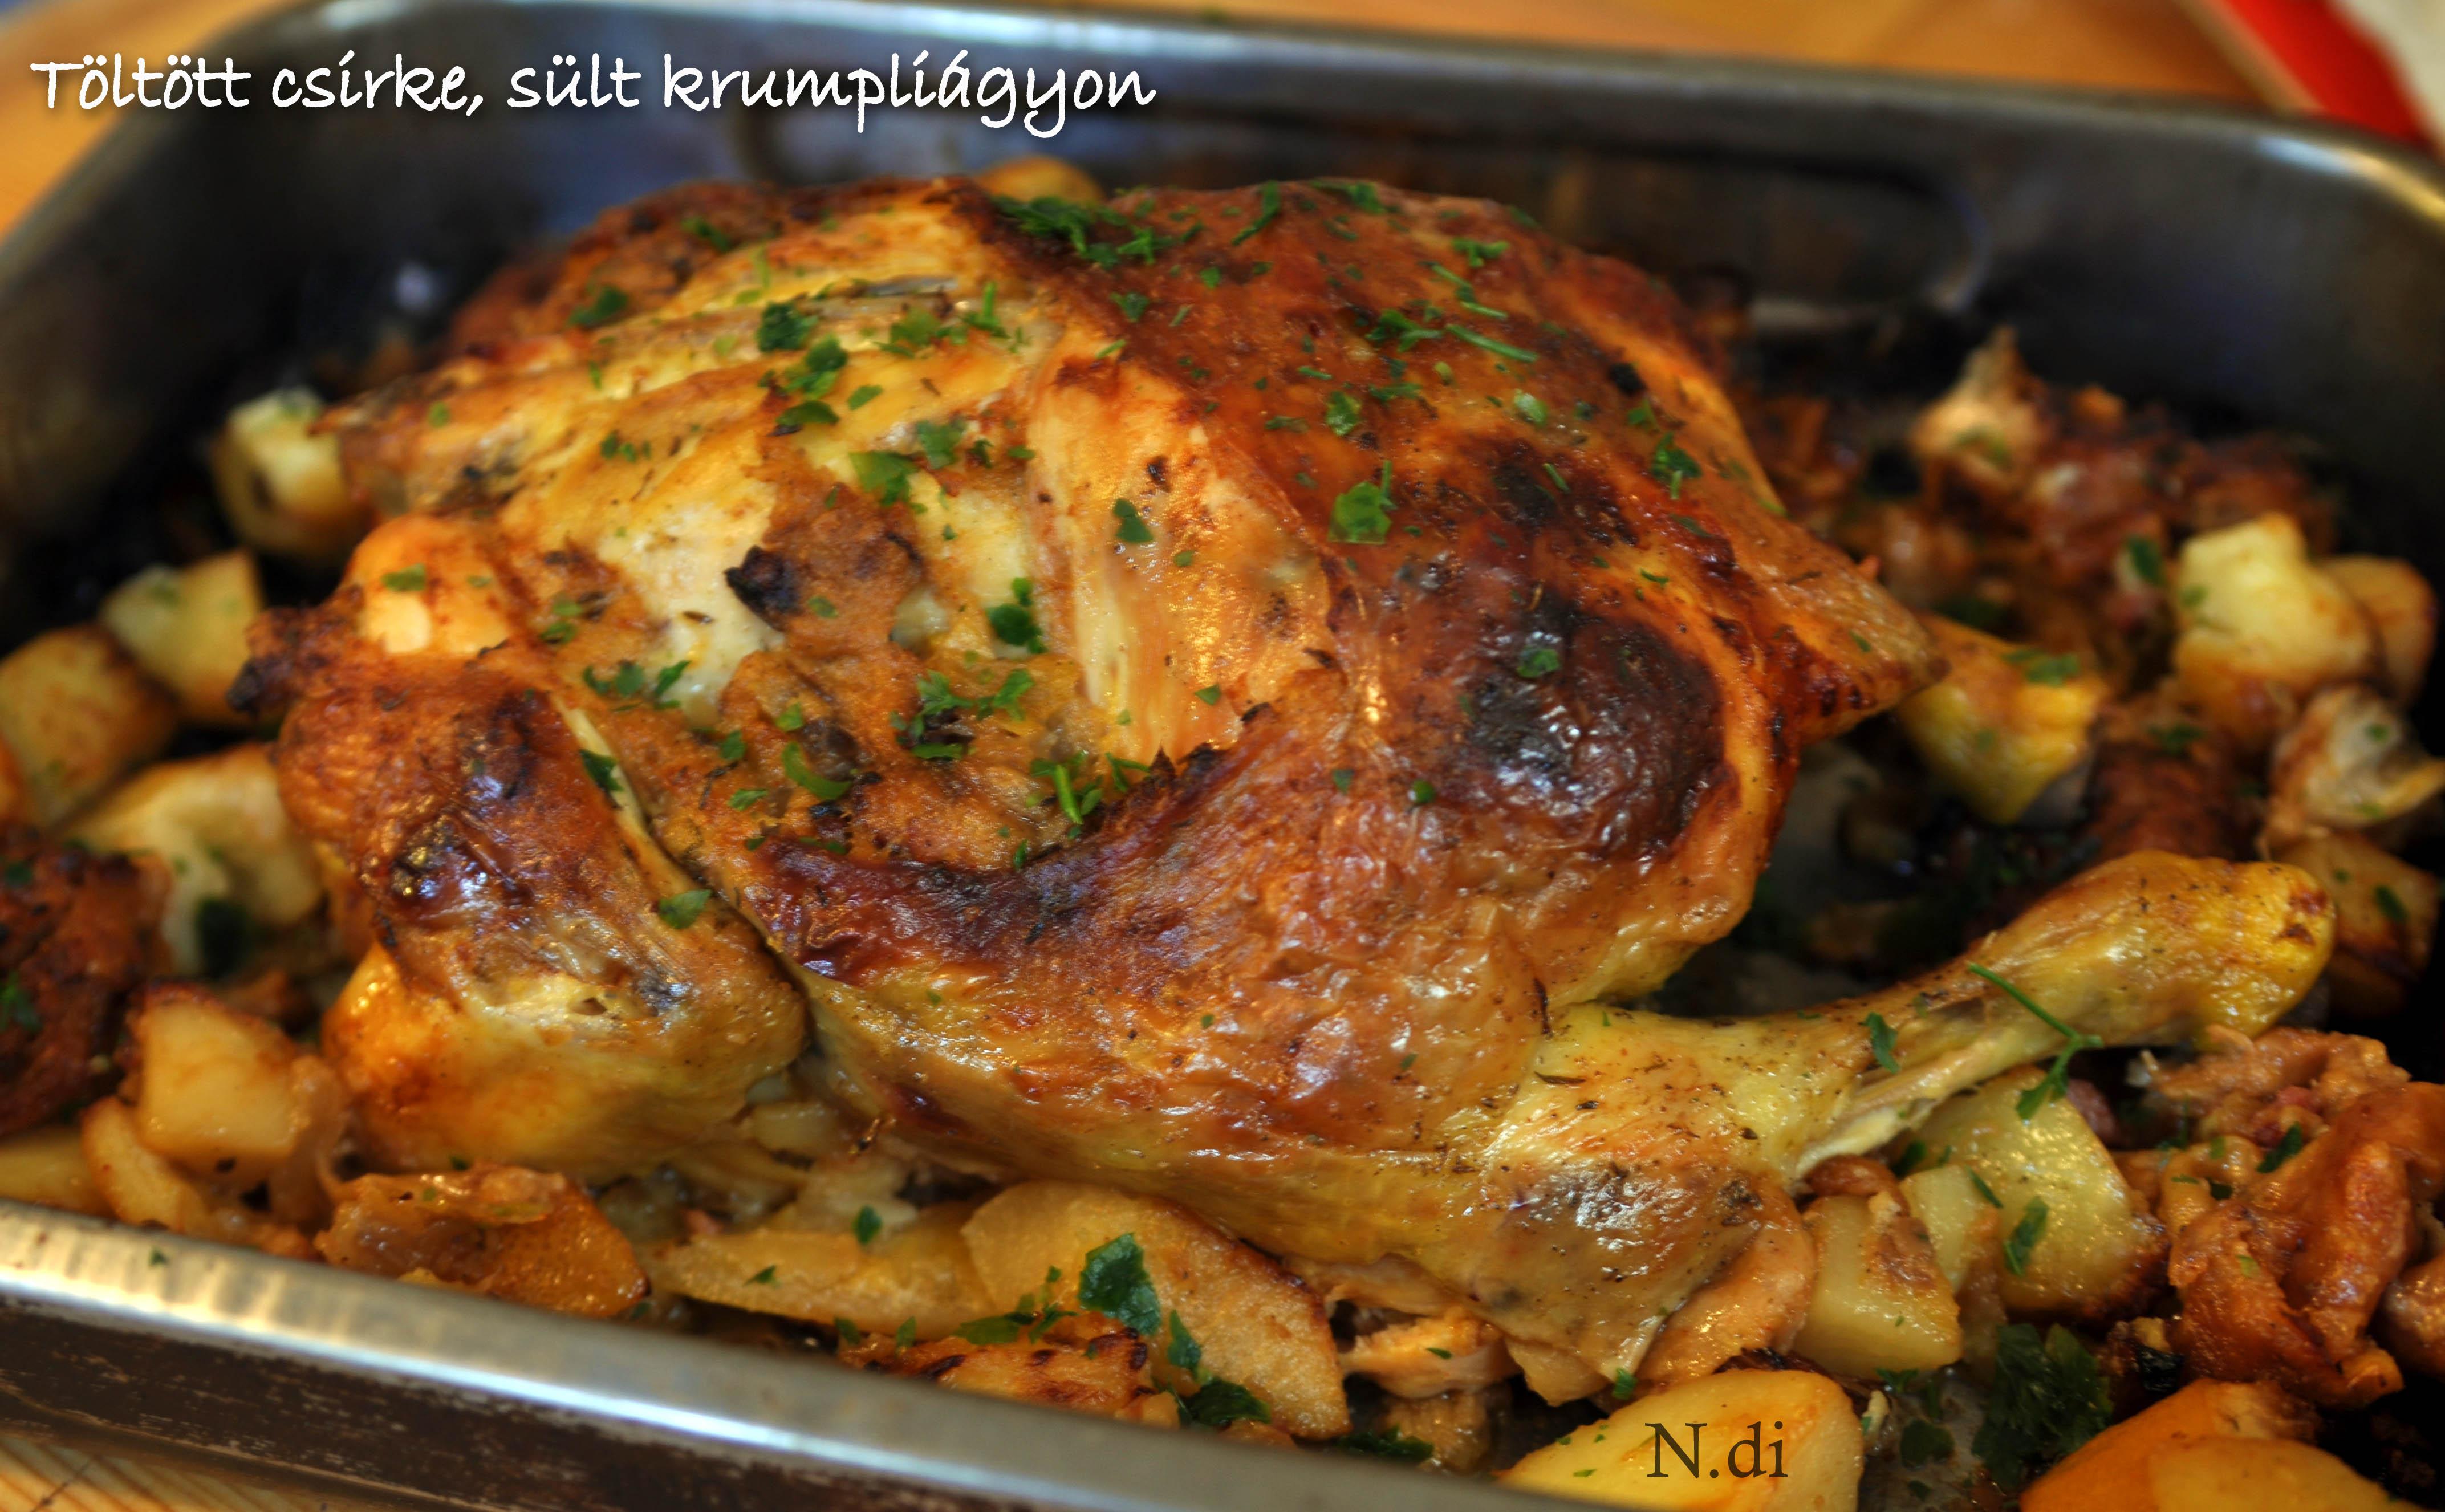 Töltött csirke, sült krumpliágyon